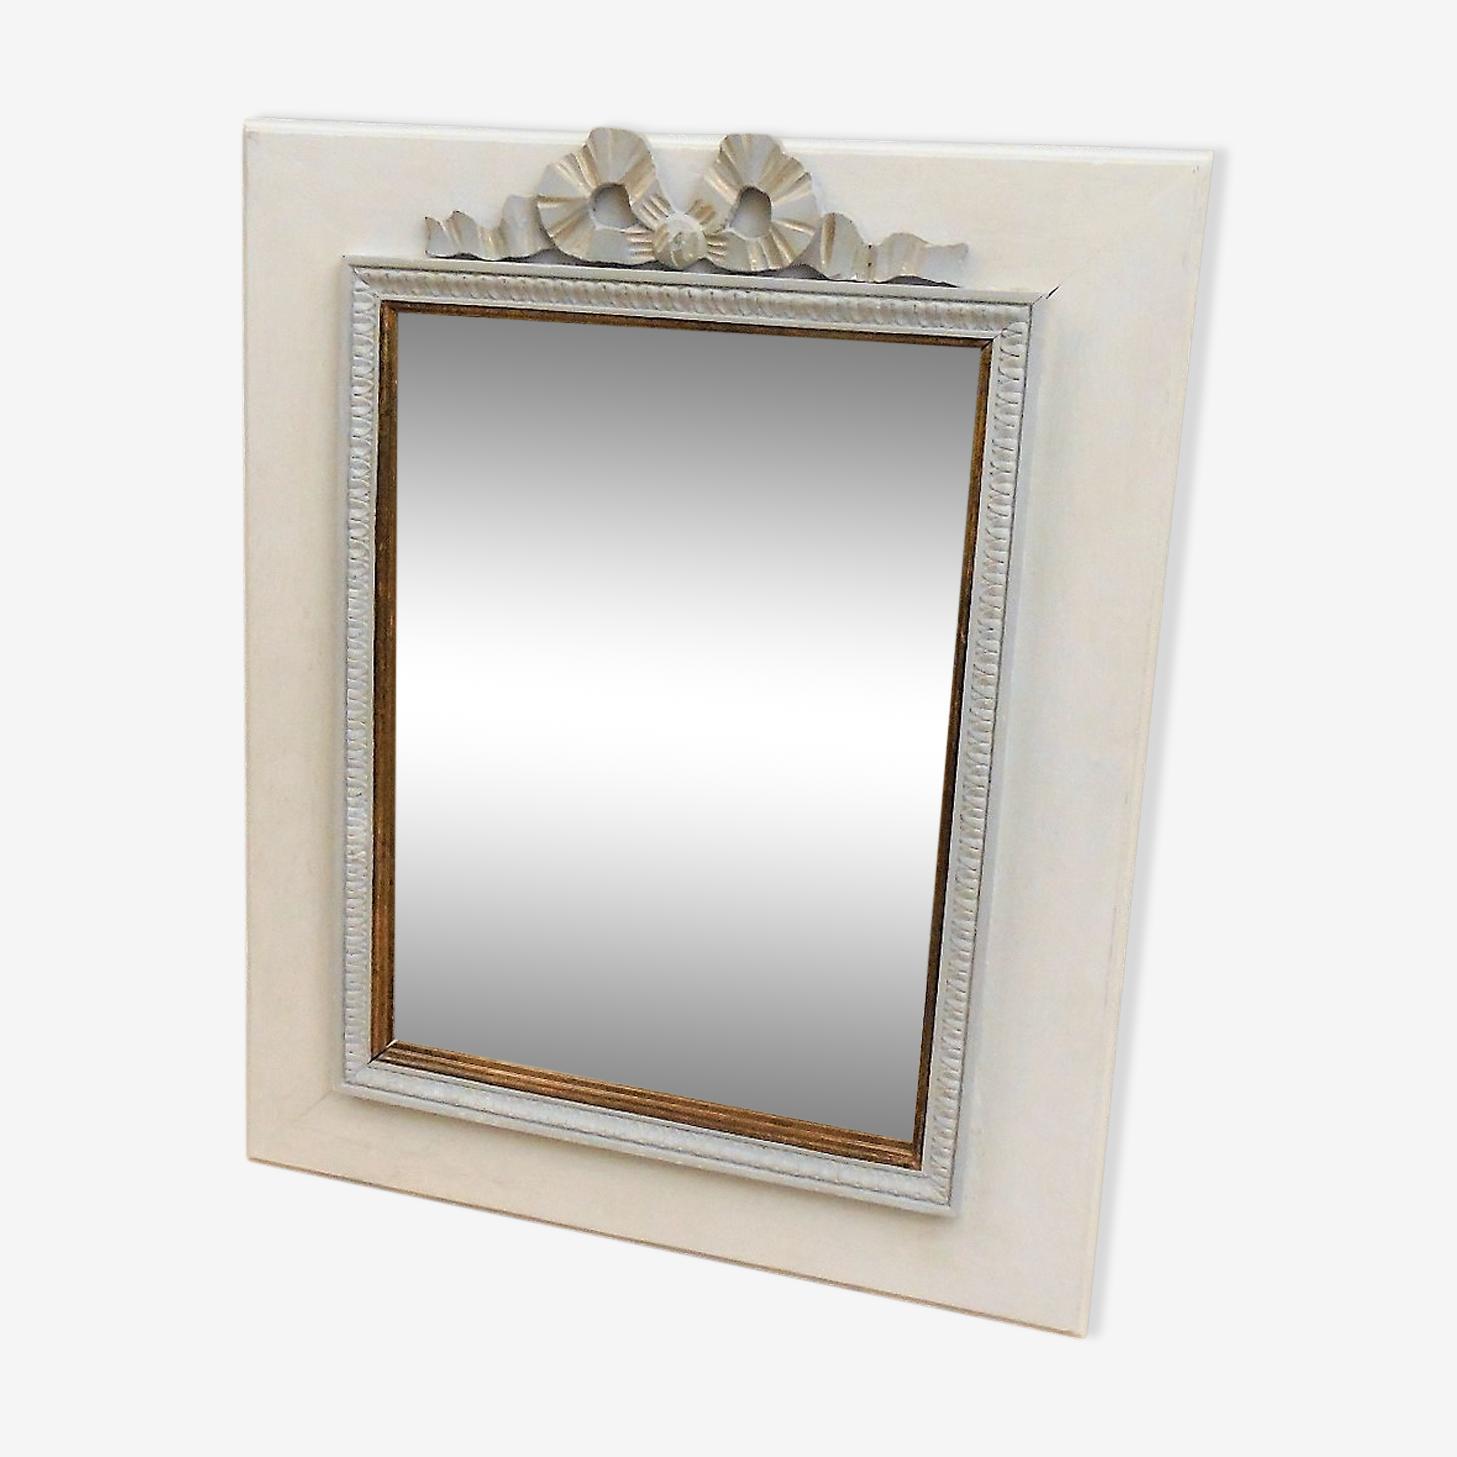 Miroir en bois patine à décors de nœud Louis XVI 55 x 45 cm